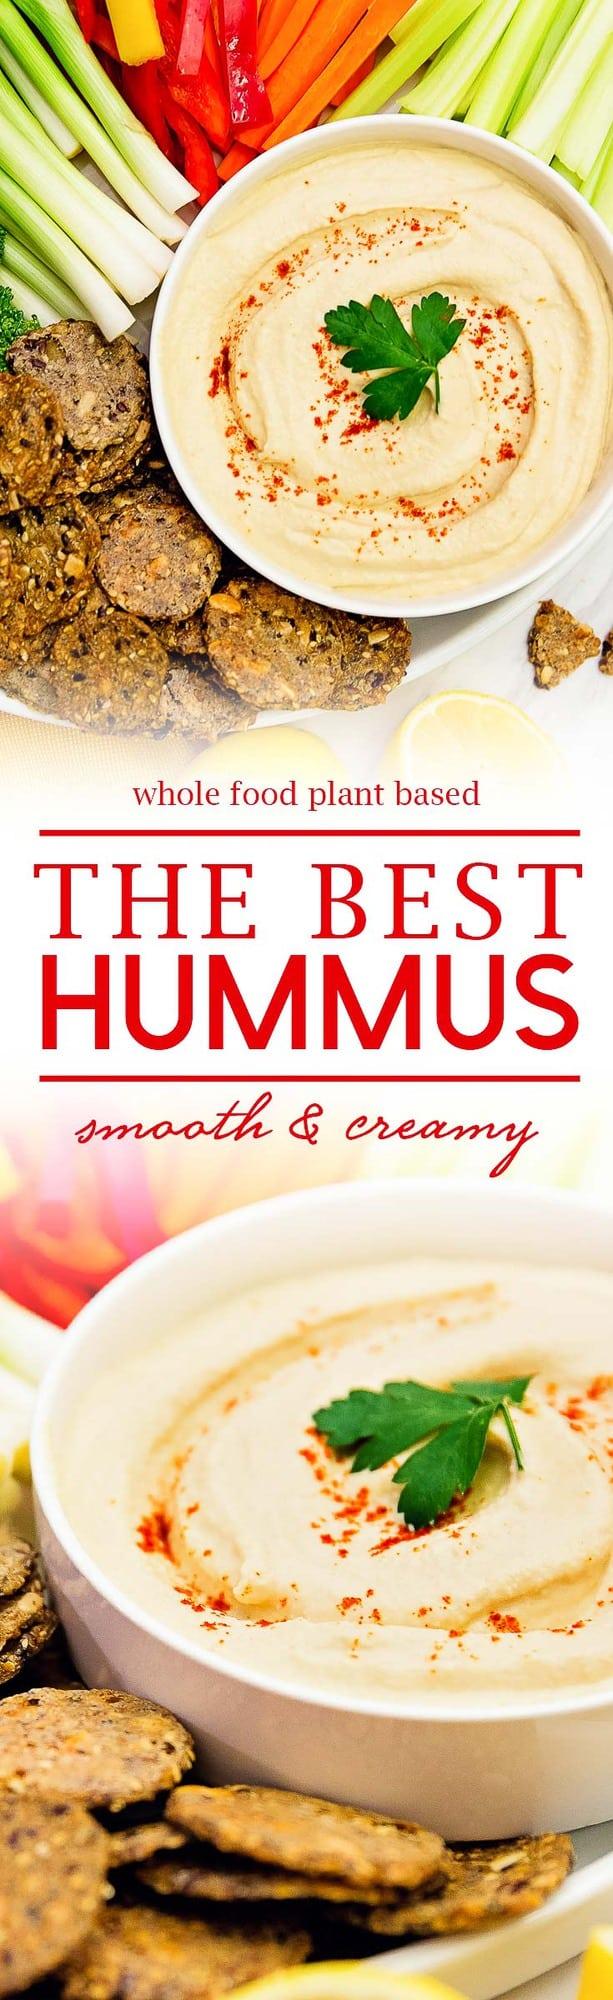 the best hummus, hummus, creamy hummus, smooth hummus, chickpea dip, garbanzo bean dip, bean dip, the best vegan hummus, vegan hummus, vegan creamy hummus, vegan smooth hummus, vegan chickpea dip, vegan garbanzo bean dip, vegan bean dip, the best vegetarian hummus, vegetarian hummus, vegetarian creamy hummus, vegetarian smooth hummus, vegetarian chickpea dip, vegetarian garbanzo bean dip, vegetarian bean dip, the best healthy hummus, healthy hummus, healthy creamy hummus, healthy smooth hummus, healthy chickpea dip, healthy garbanzo bean dip, healthy bean dip, the best whole food plant based hummus, whole food plant based hummus, whole food plant based creamy hummus, whole food plant based smooth hummus, whole food plant based chickpea dip, whole food plant based garbanzo bean dip, whole food plant based bean dip, vegan, vegetarian, healthy, oil free